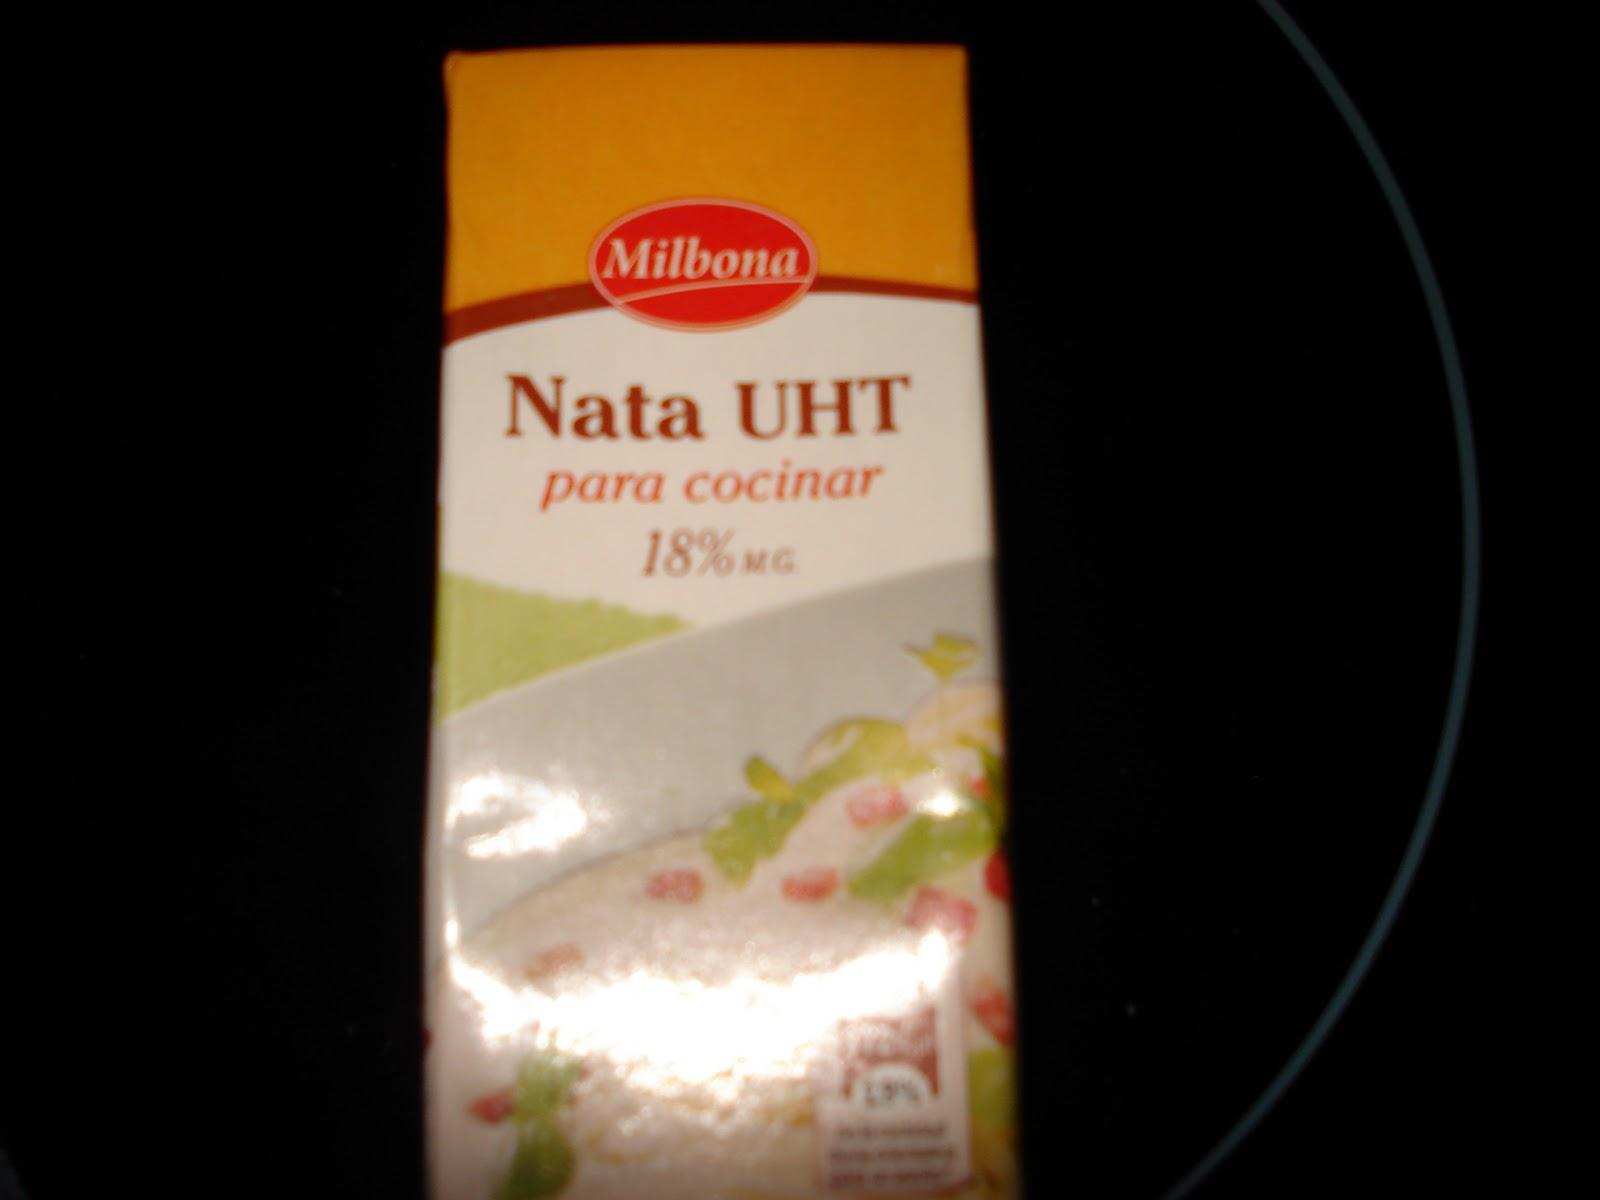 A comer que ya es hora productos aptos dieta montignac - Nata para cocinar mercadona ...